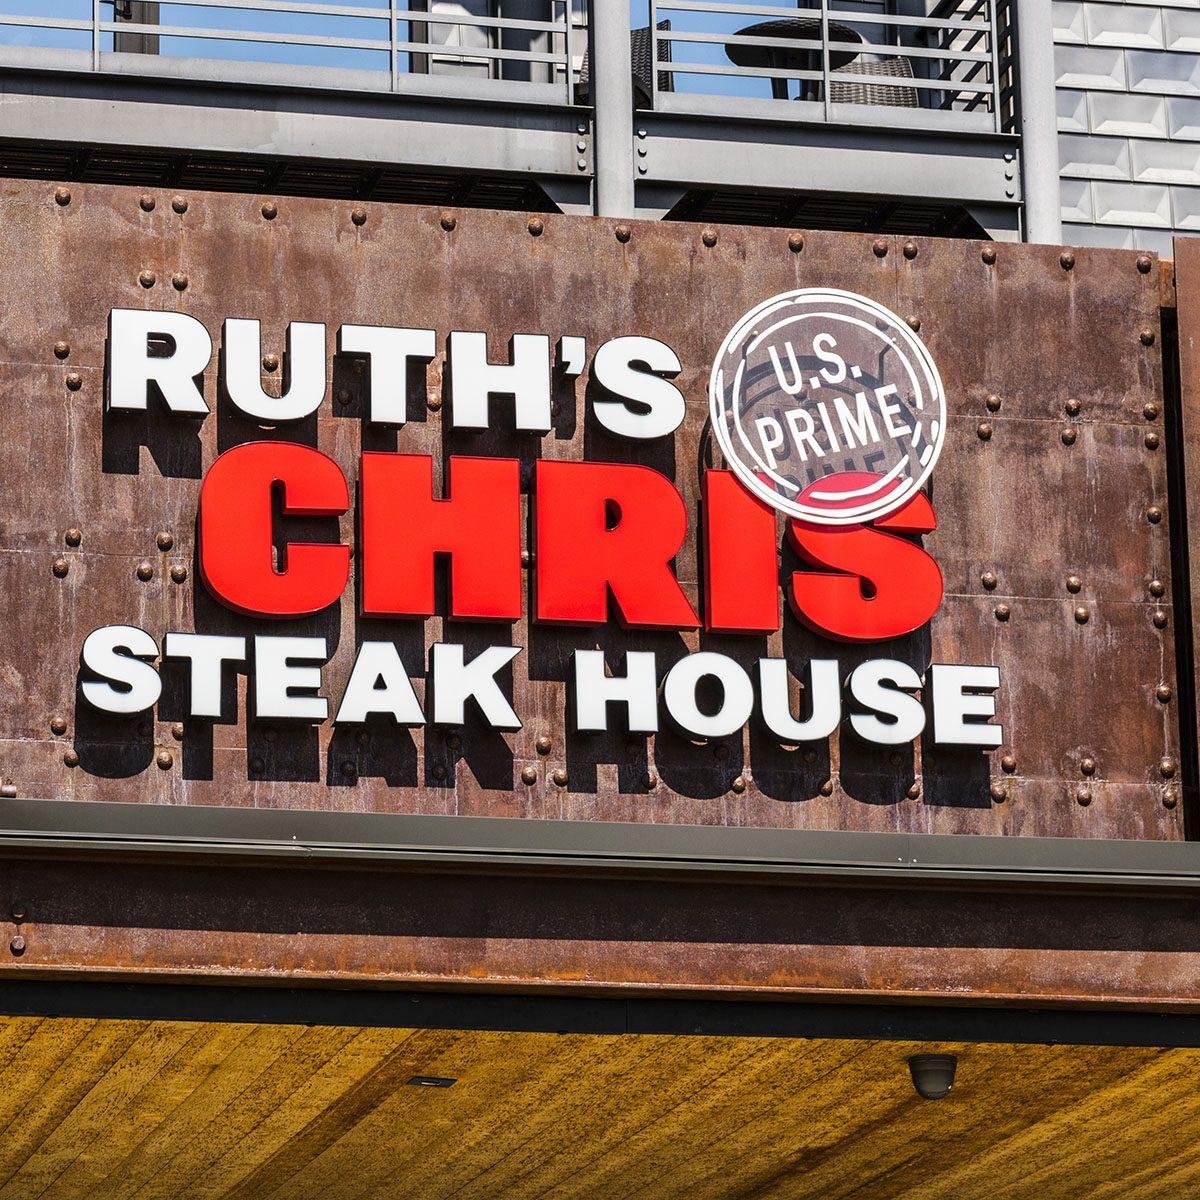 Ruth's Chris Steak House Restaurant.